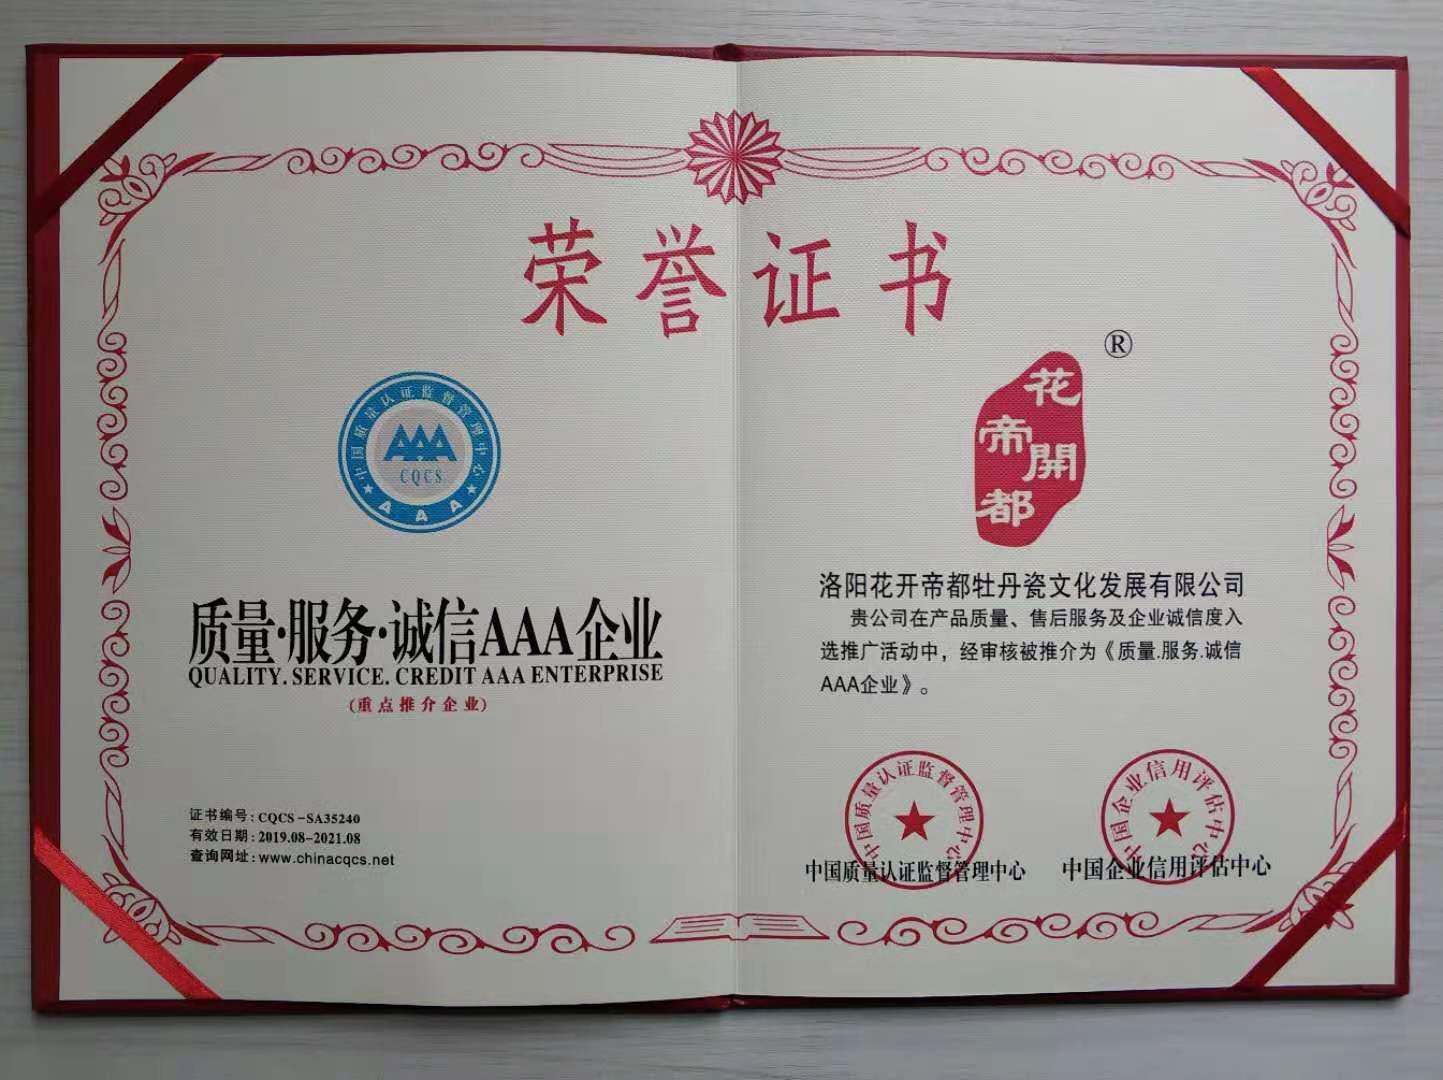 牡丹瓷荣誉证书